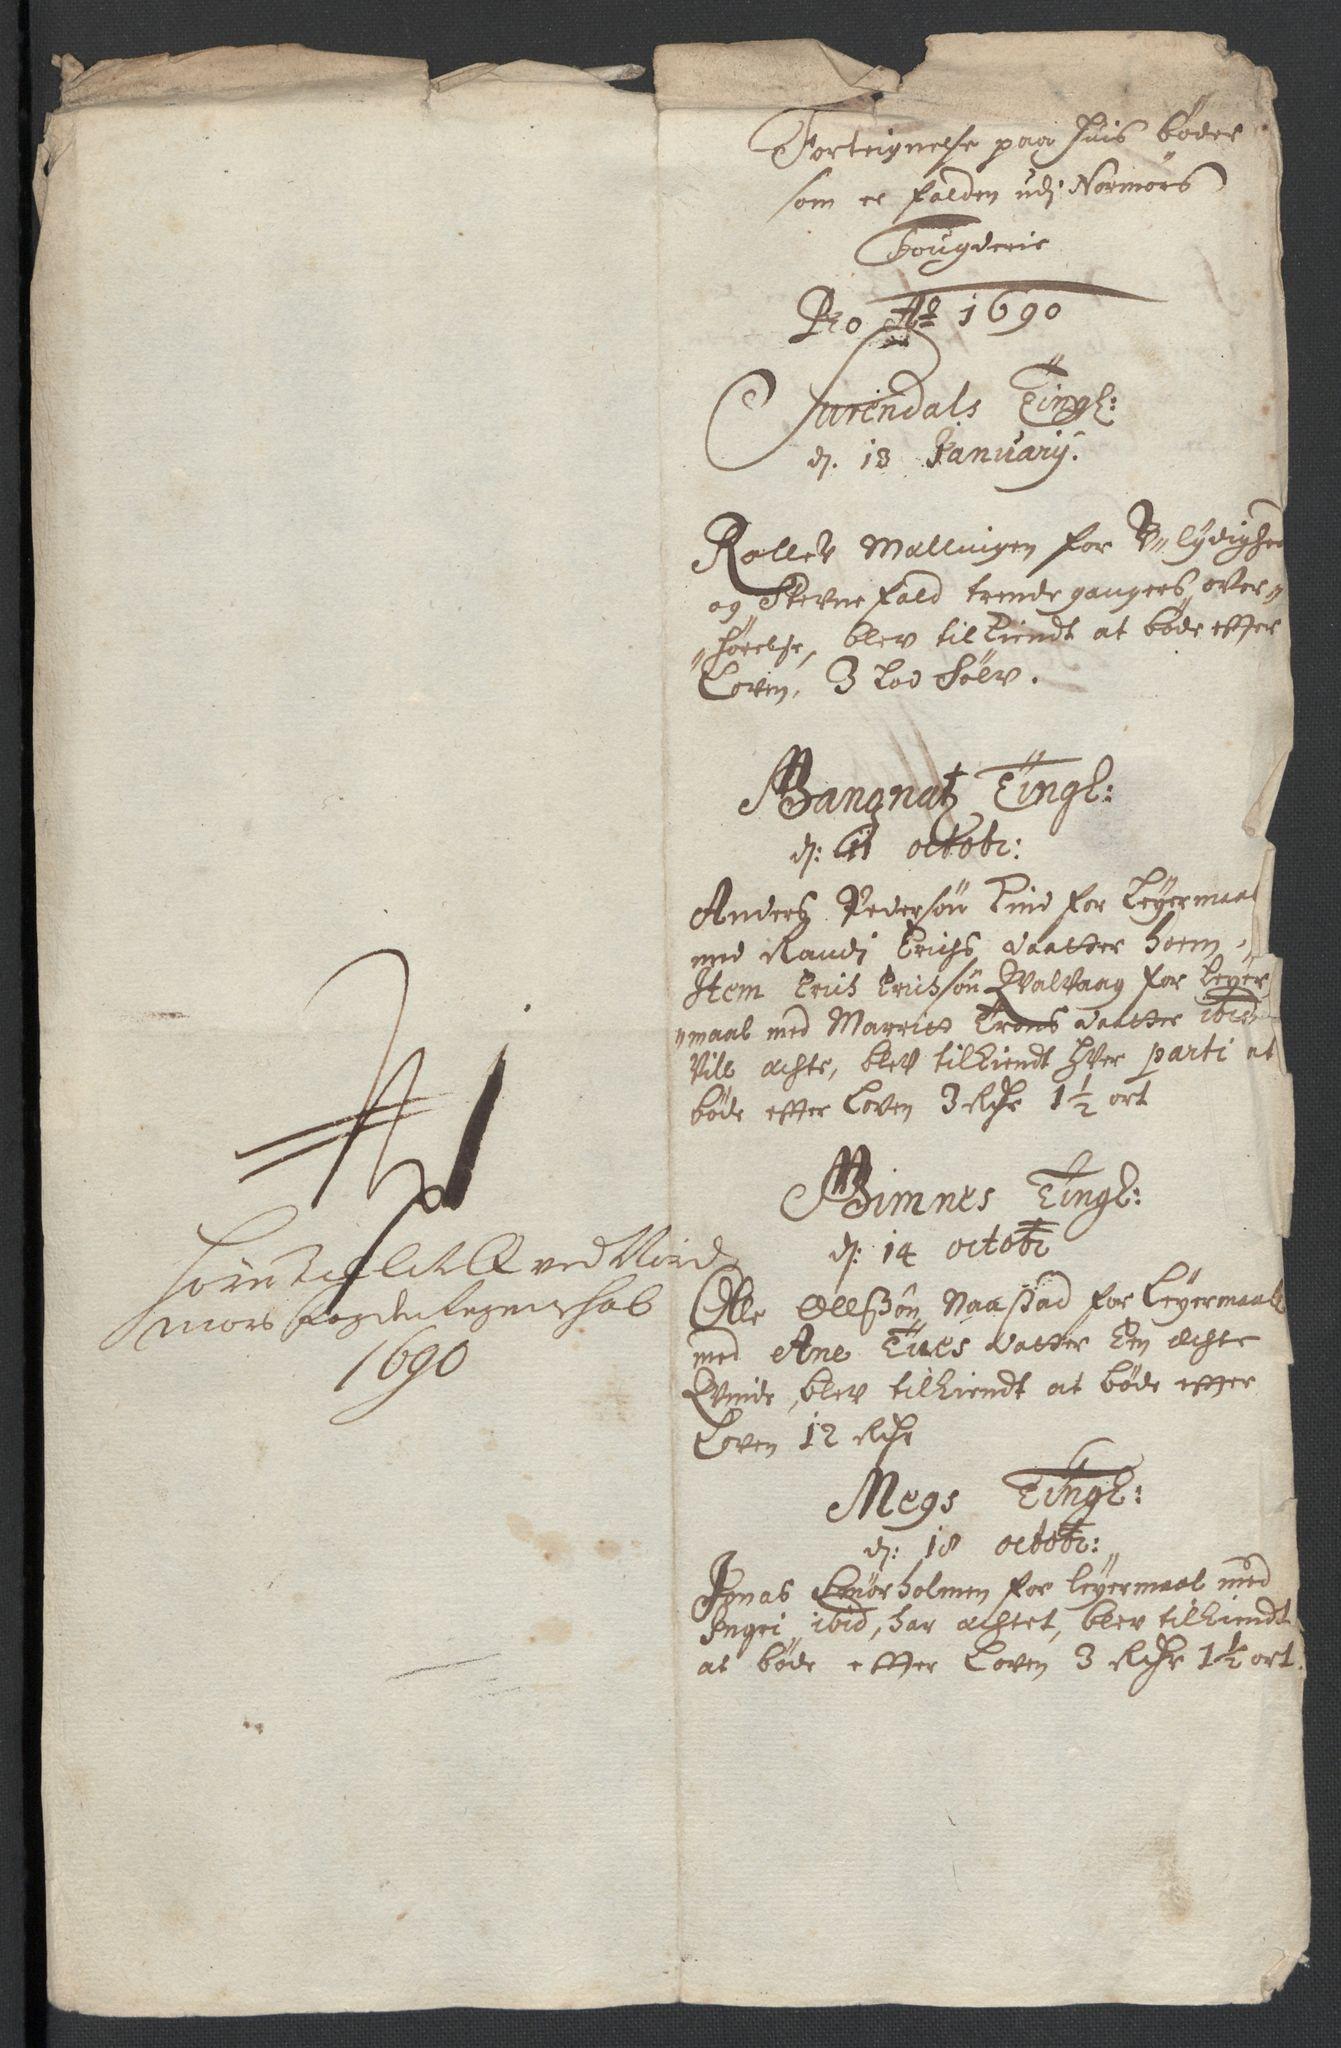 RA, Rentekammeret inntil 1814, Reviderte regnskaper, Fogderegnskap, R56/L3734: Fogderegnskap Nordmøre, 1690-1691, s. 205